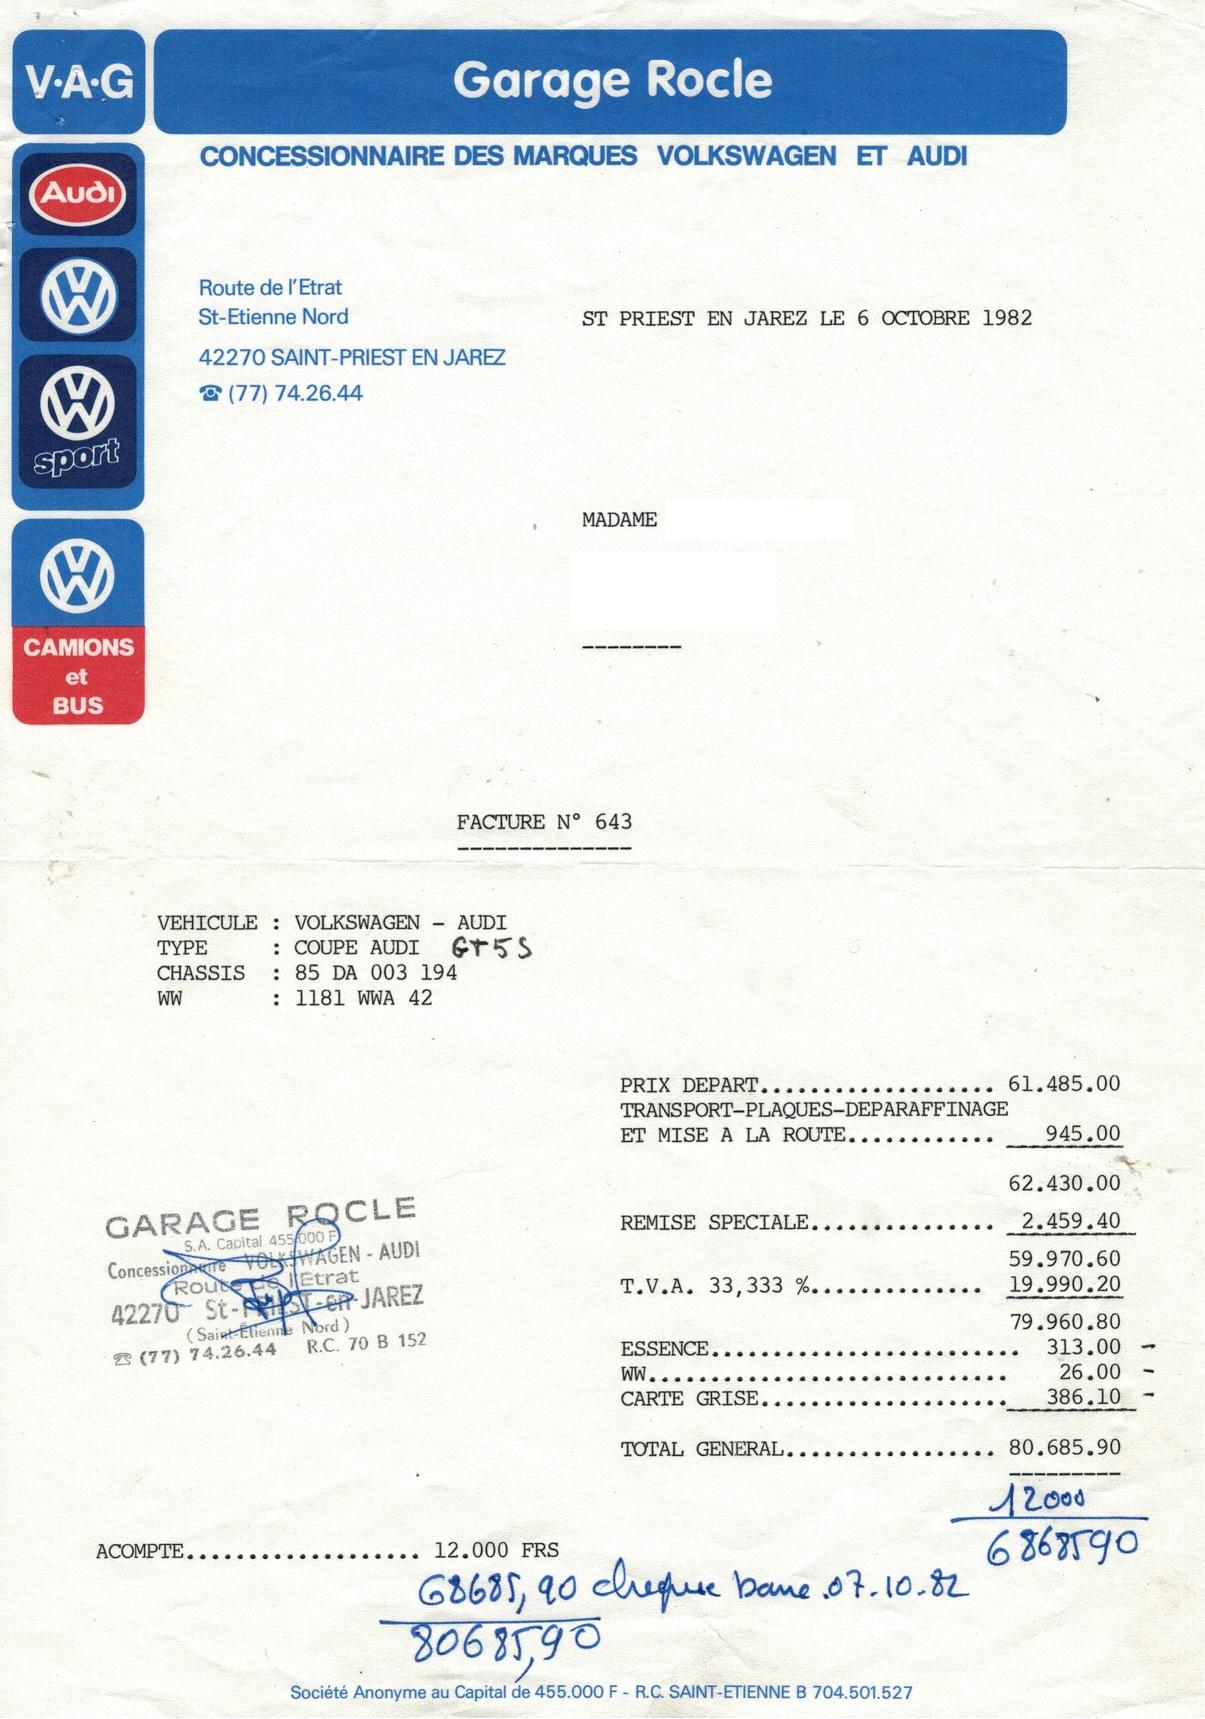 Facture d'achat Audi coupé GT